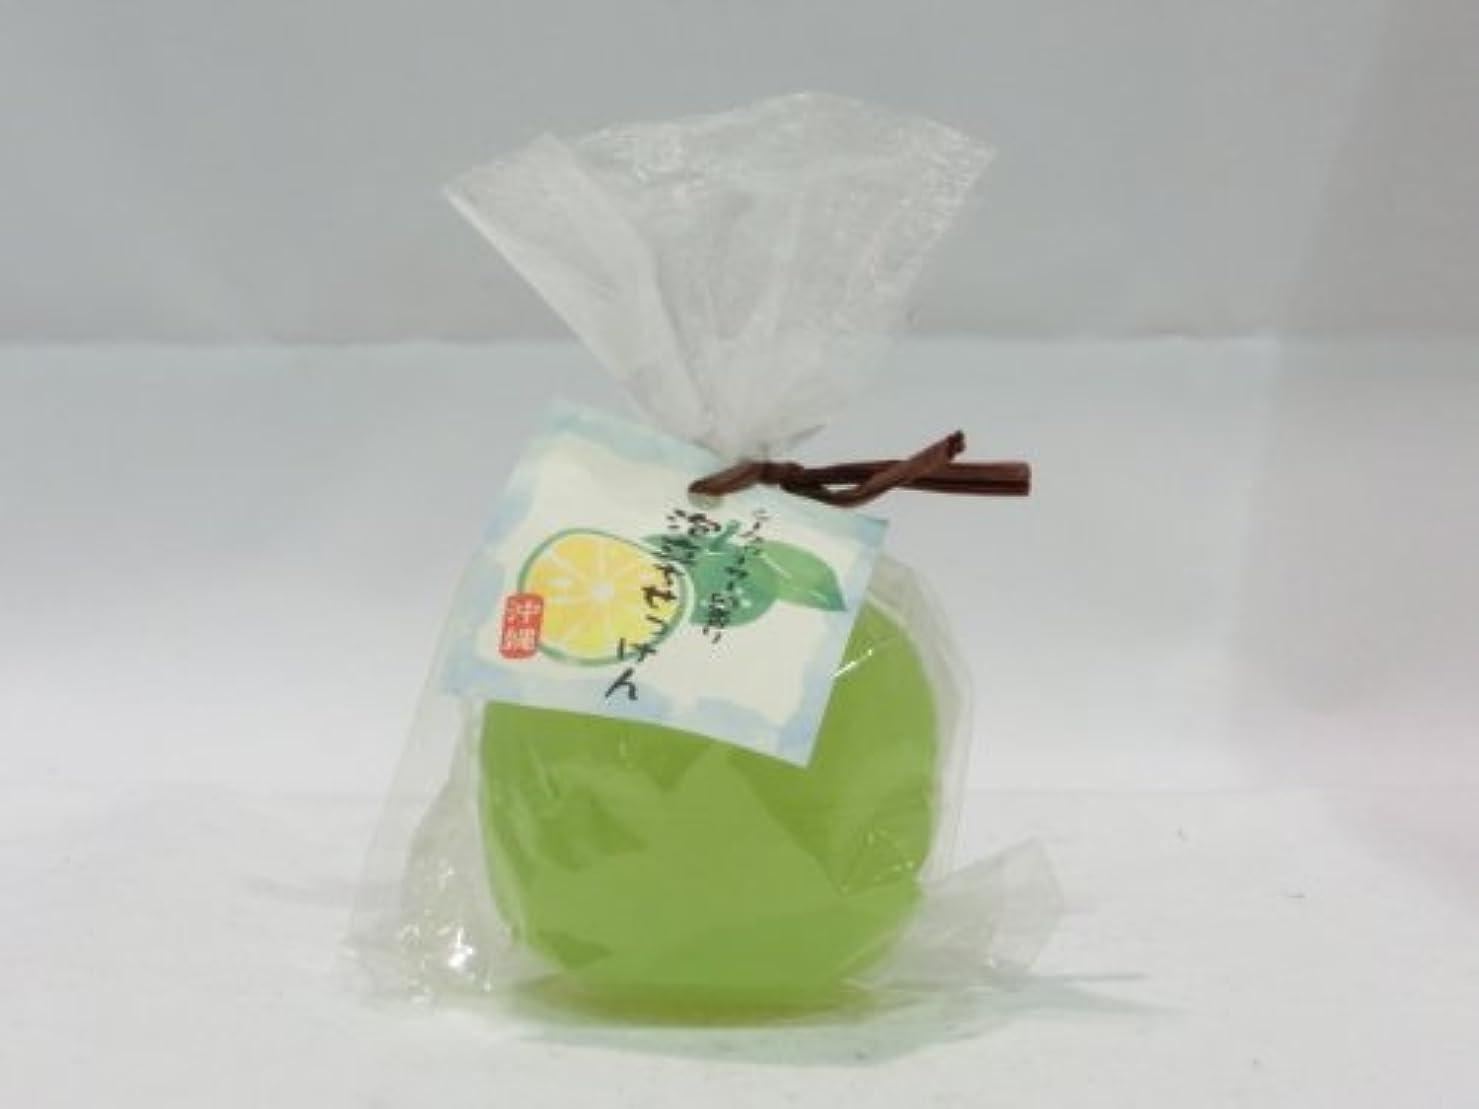 に話す日帰り旅行に卵【沖縄】 シークヮーサーの香り 泡立ちせっけん (88g)